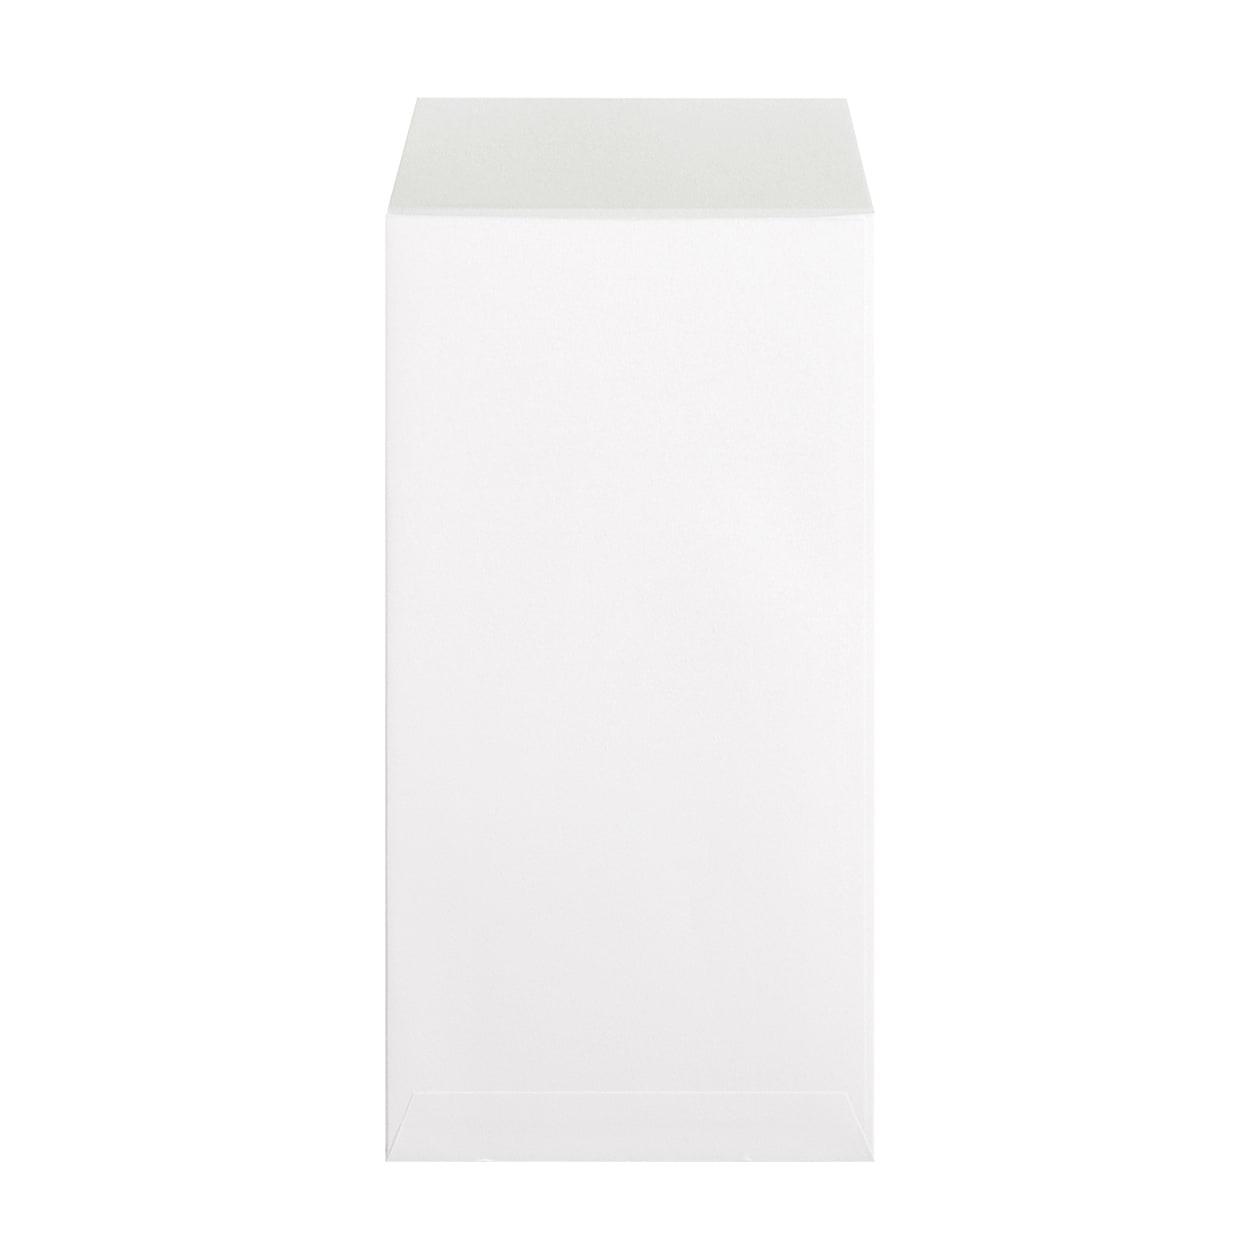 長3窓封筒 コットンオペーク ホワイト 116.3g